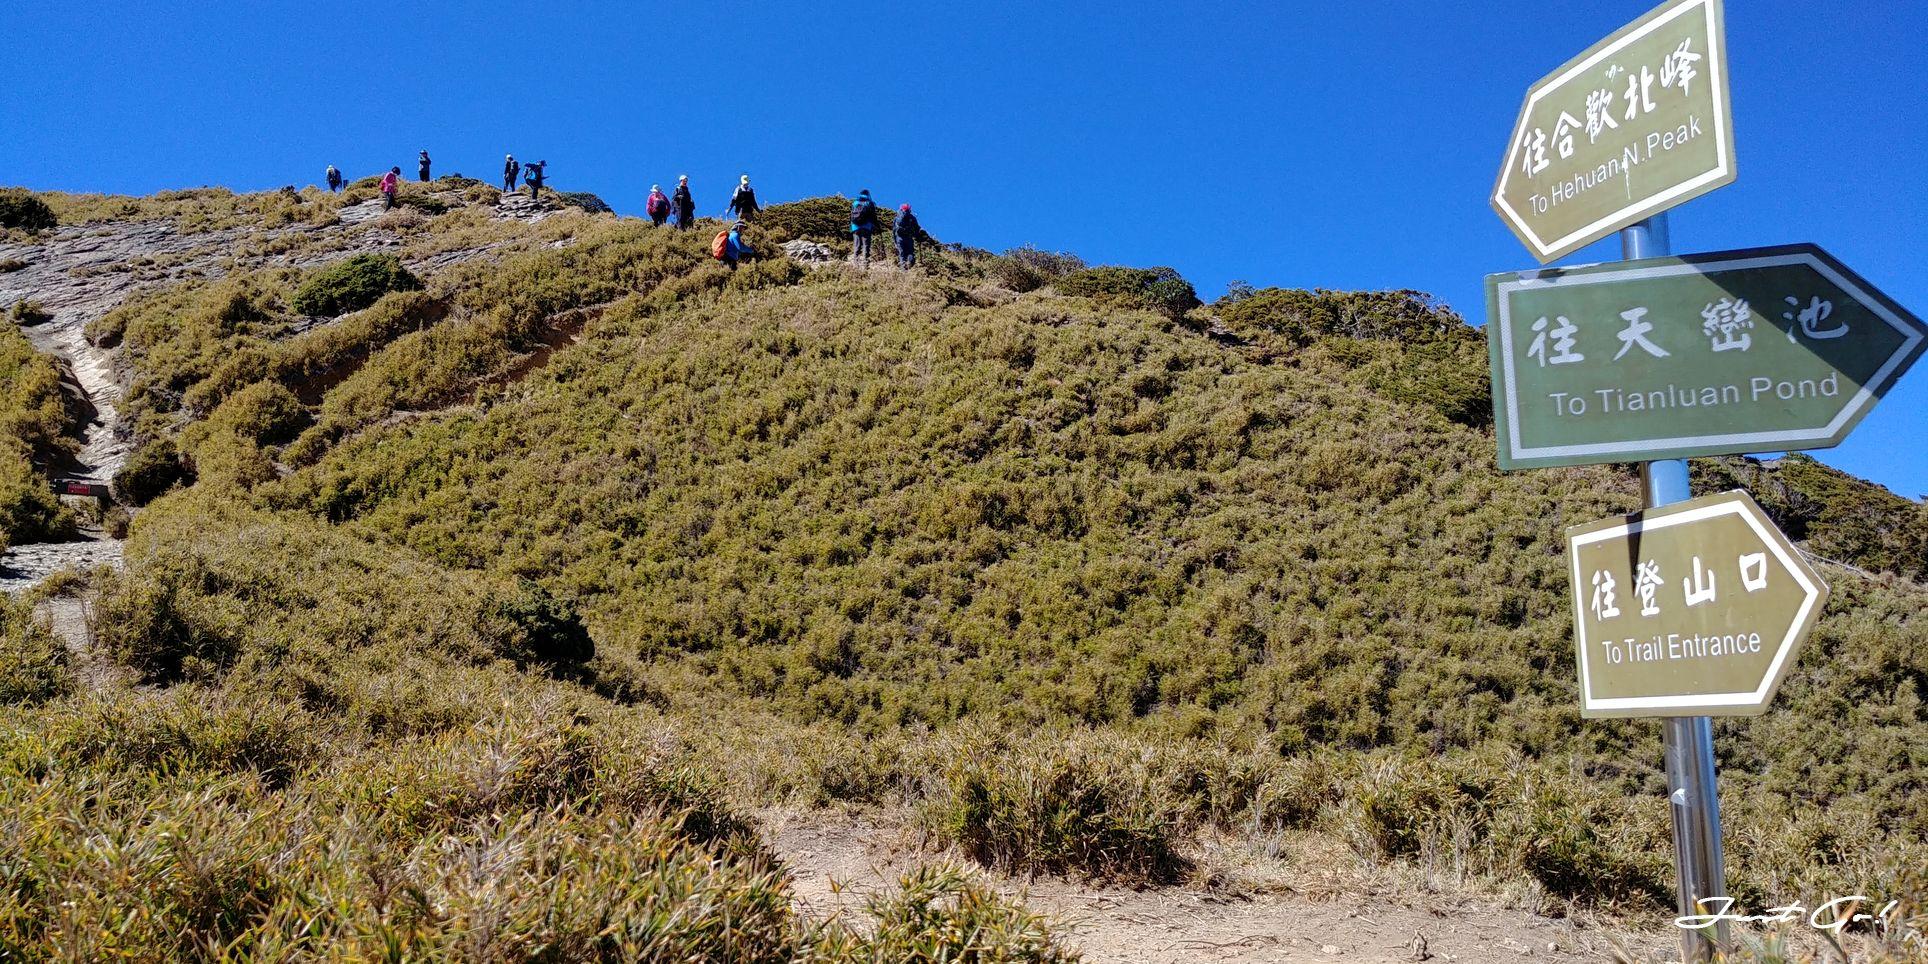 一日百岳·9小時單攻合歡西峰北峰-地圖gpx、行程規劃、申請、登山口35